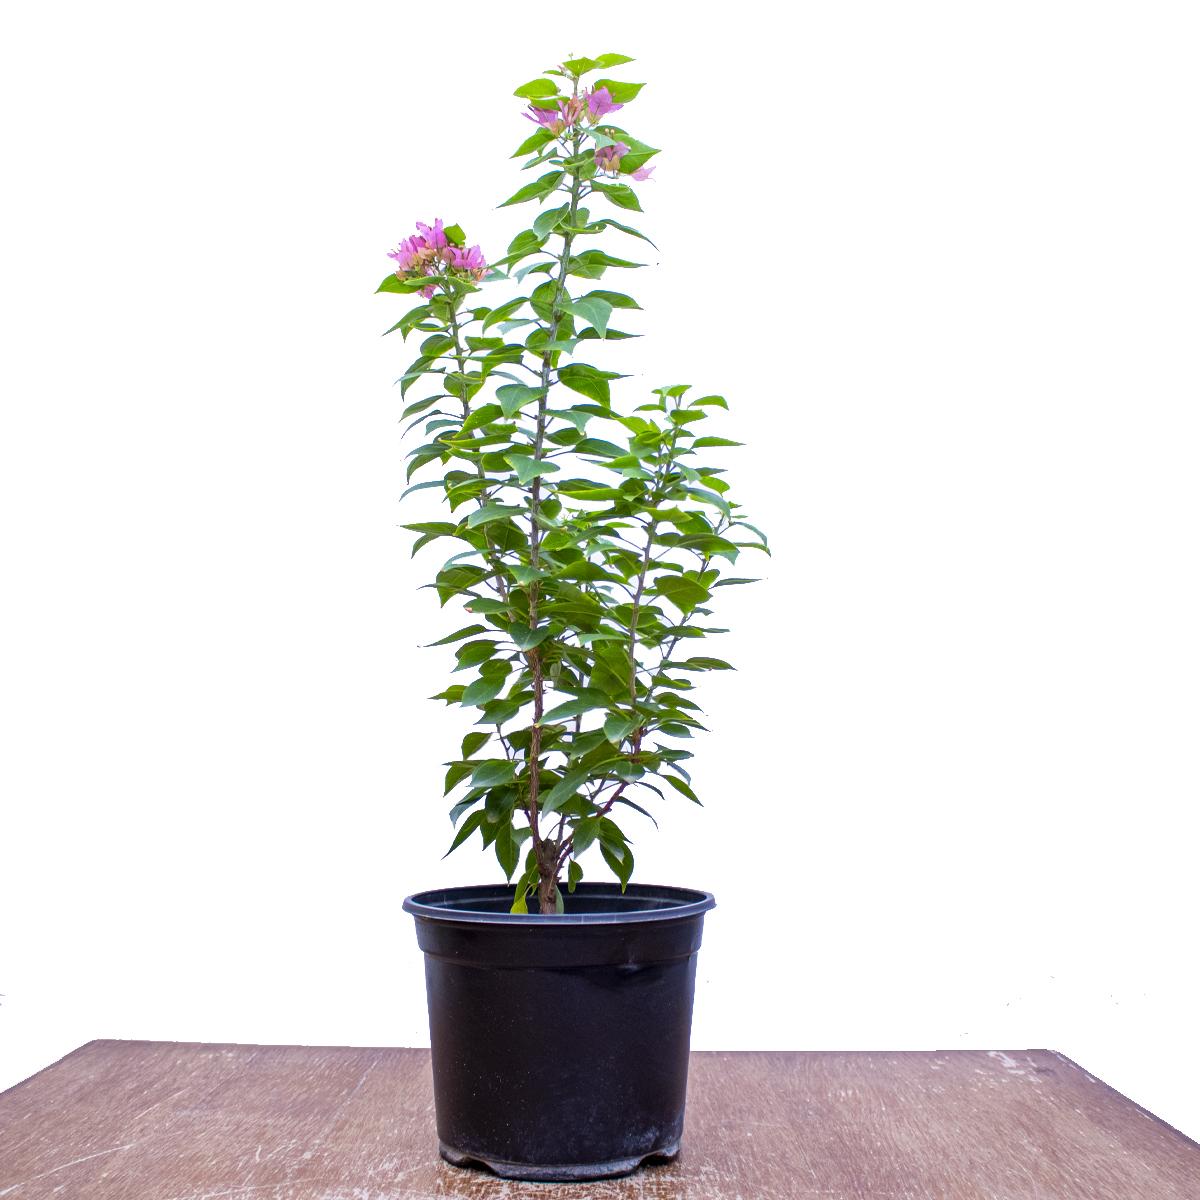 مجنونة قزمة - جهنمية قزمة نباتات خارجية